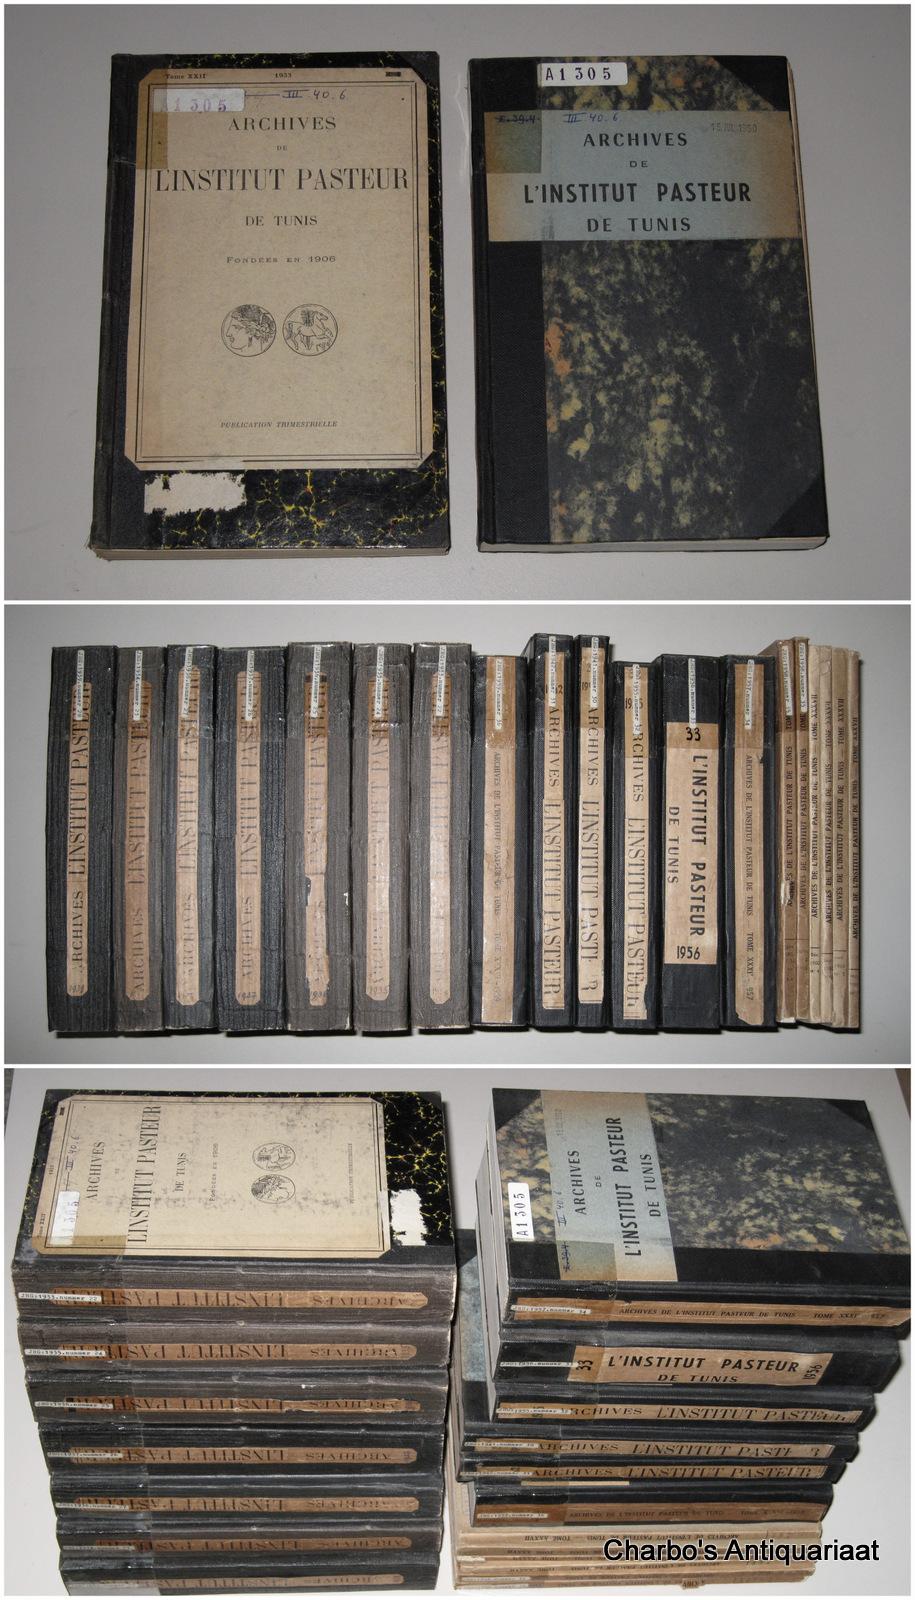 INSTITUT PASTEUR DE TUNIS, -  Archives de l'Institut Pasteur de Tunis, tomes 22-37, 1933-1960. Publication trimestrielle. (Lacks vol. 29, 1940 & vol. 35, 1958, issue no. 1).